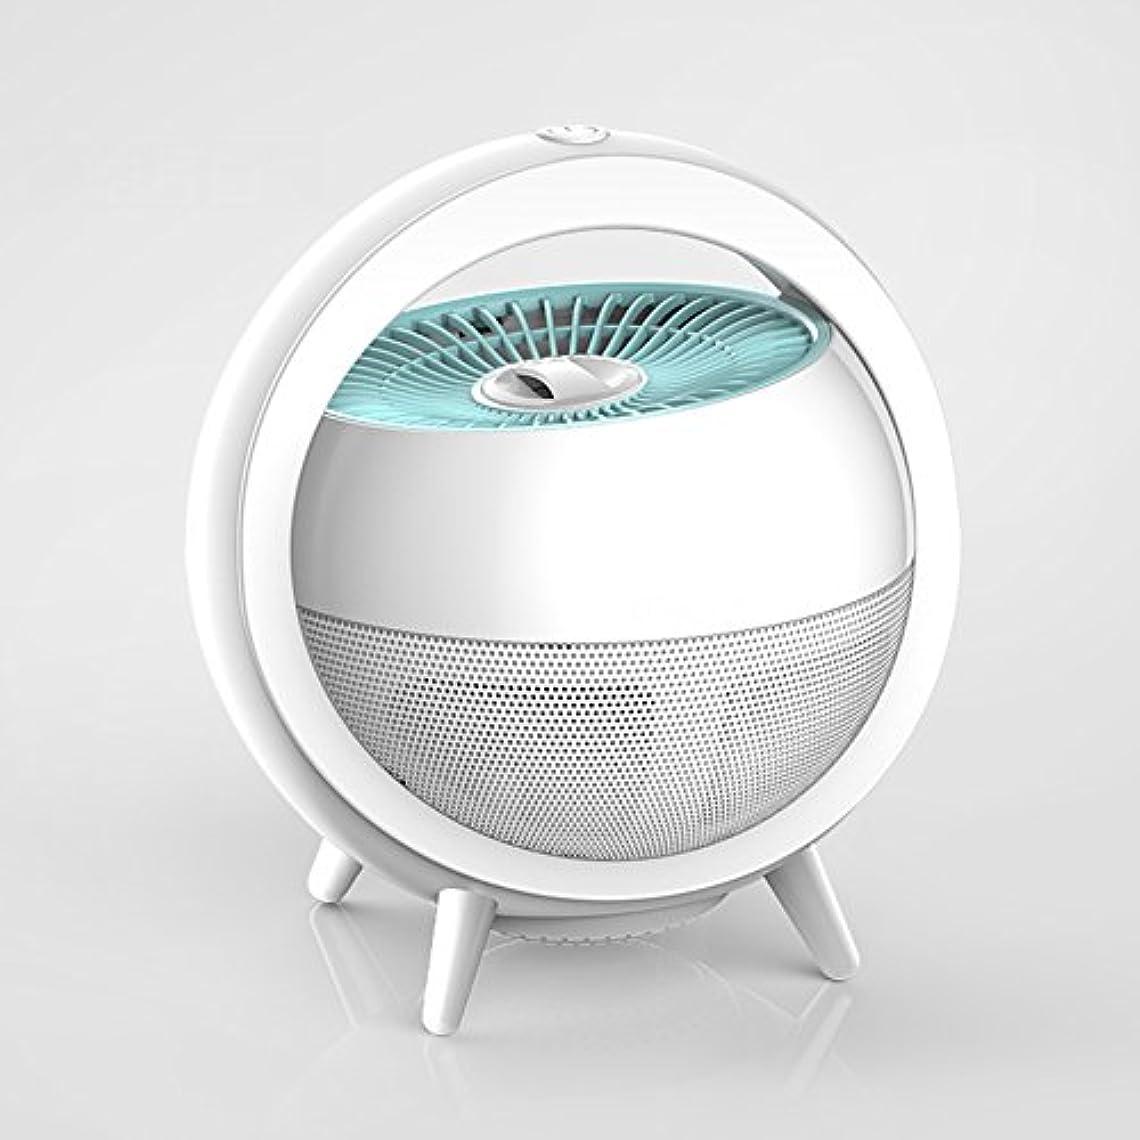 強化する不可能な失LIXIONG 蚊ランプ 吸入タイプ UVA紫色光 ルアー蚊 インドア プラグインタイプ 低ノイズ 放射線のない 完全自動、 5色、 17×20cm (色 : 白)